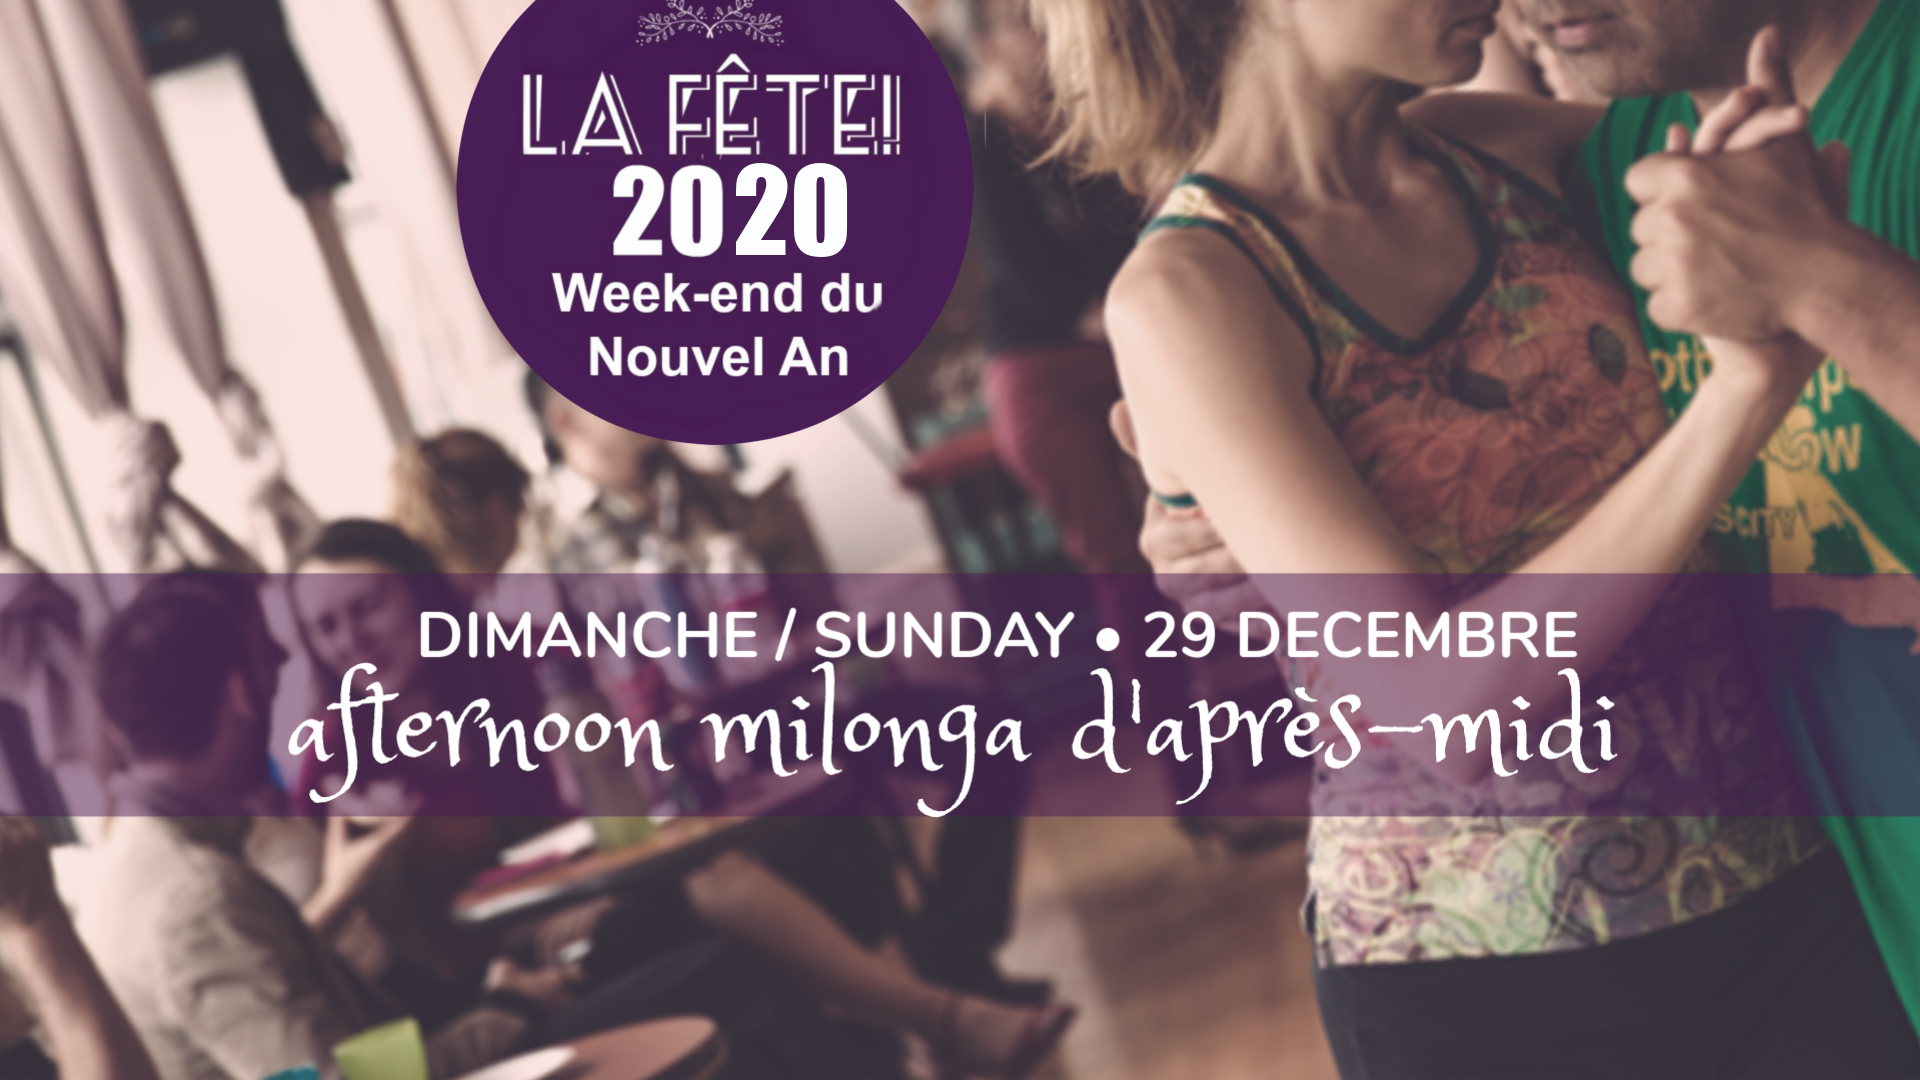 Dimanche Après-midi - Salle 200-A, 14h30 à 18h30, 12$Milonga d'après-midi : café, croissants et soleil!